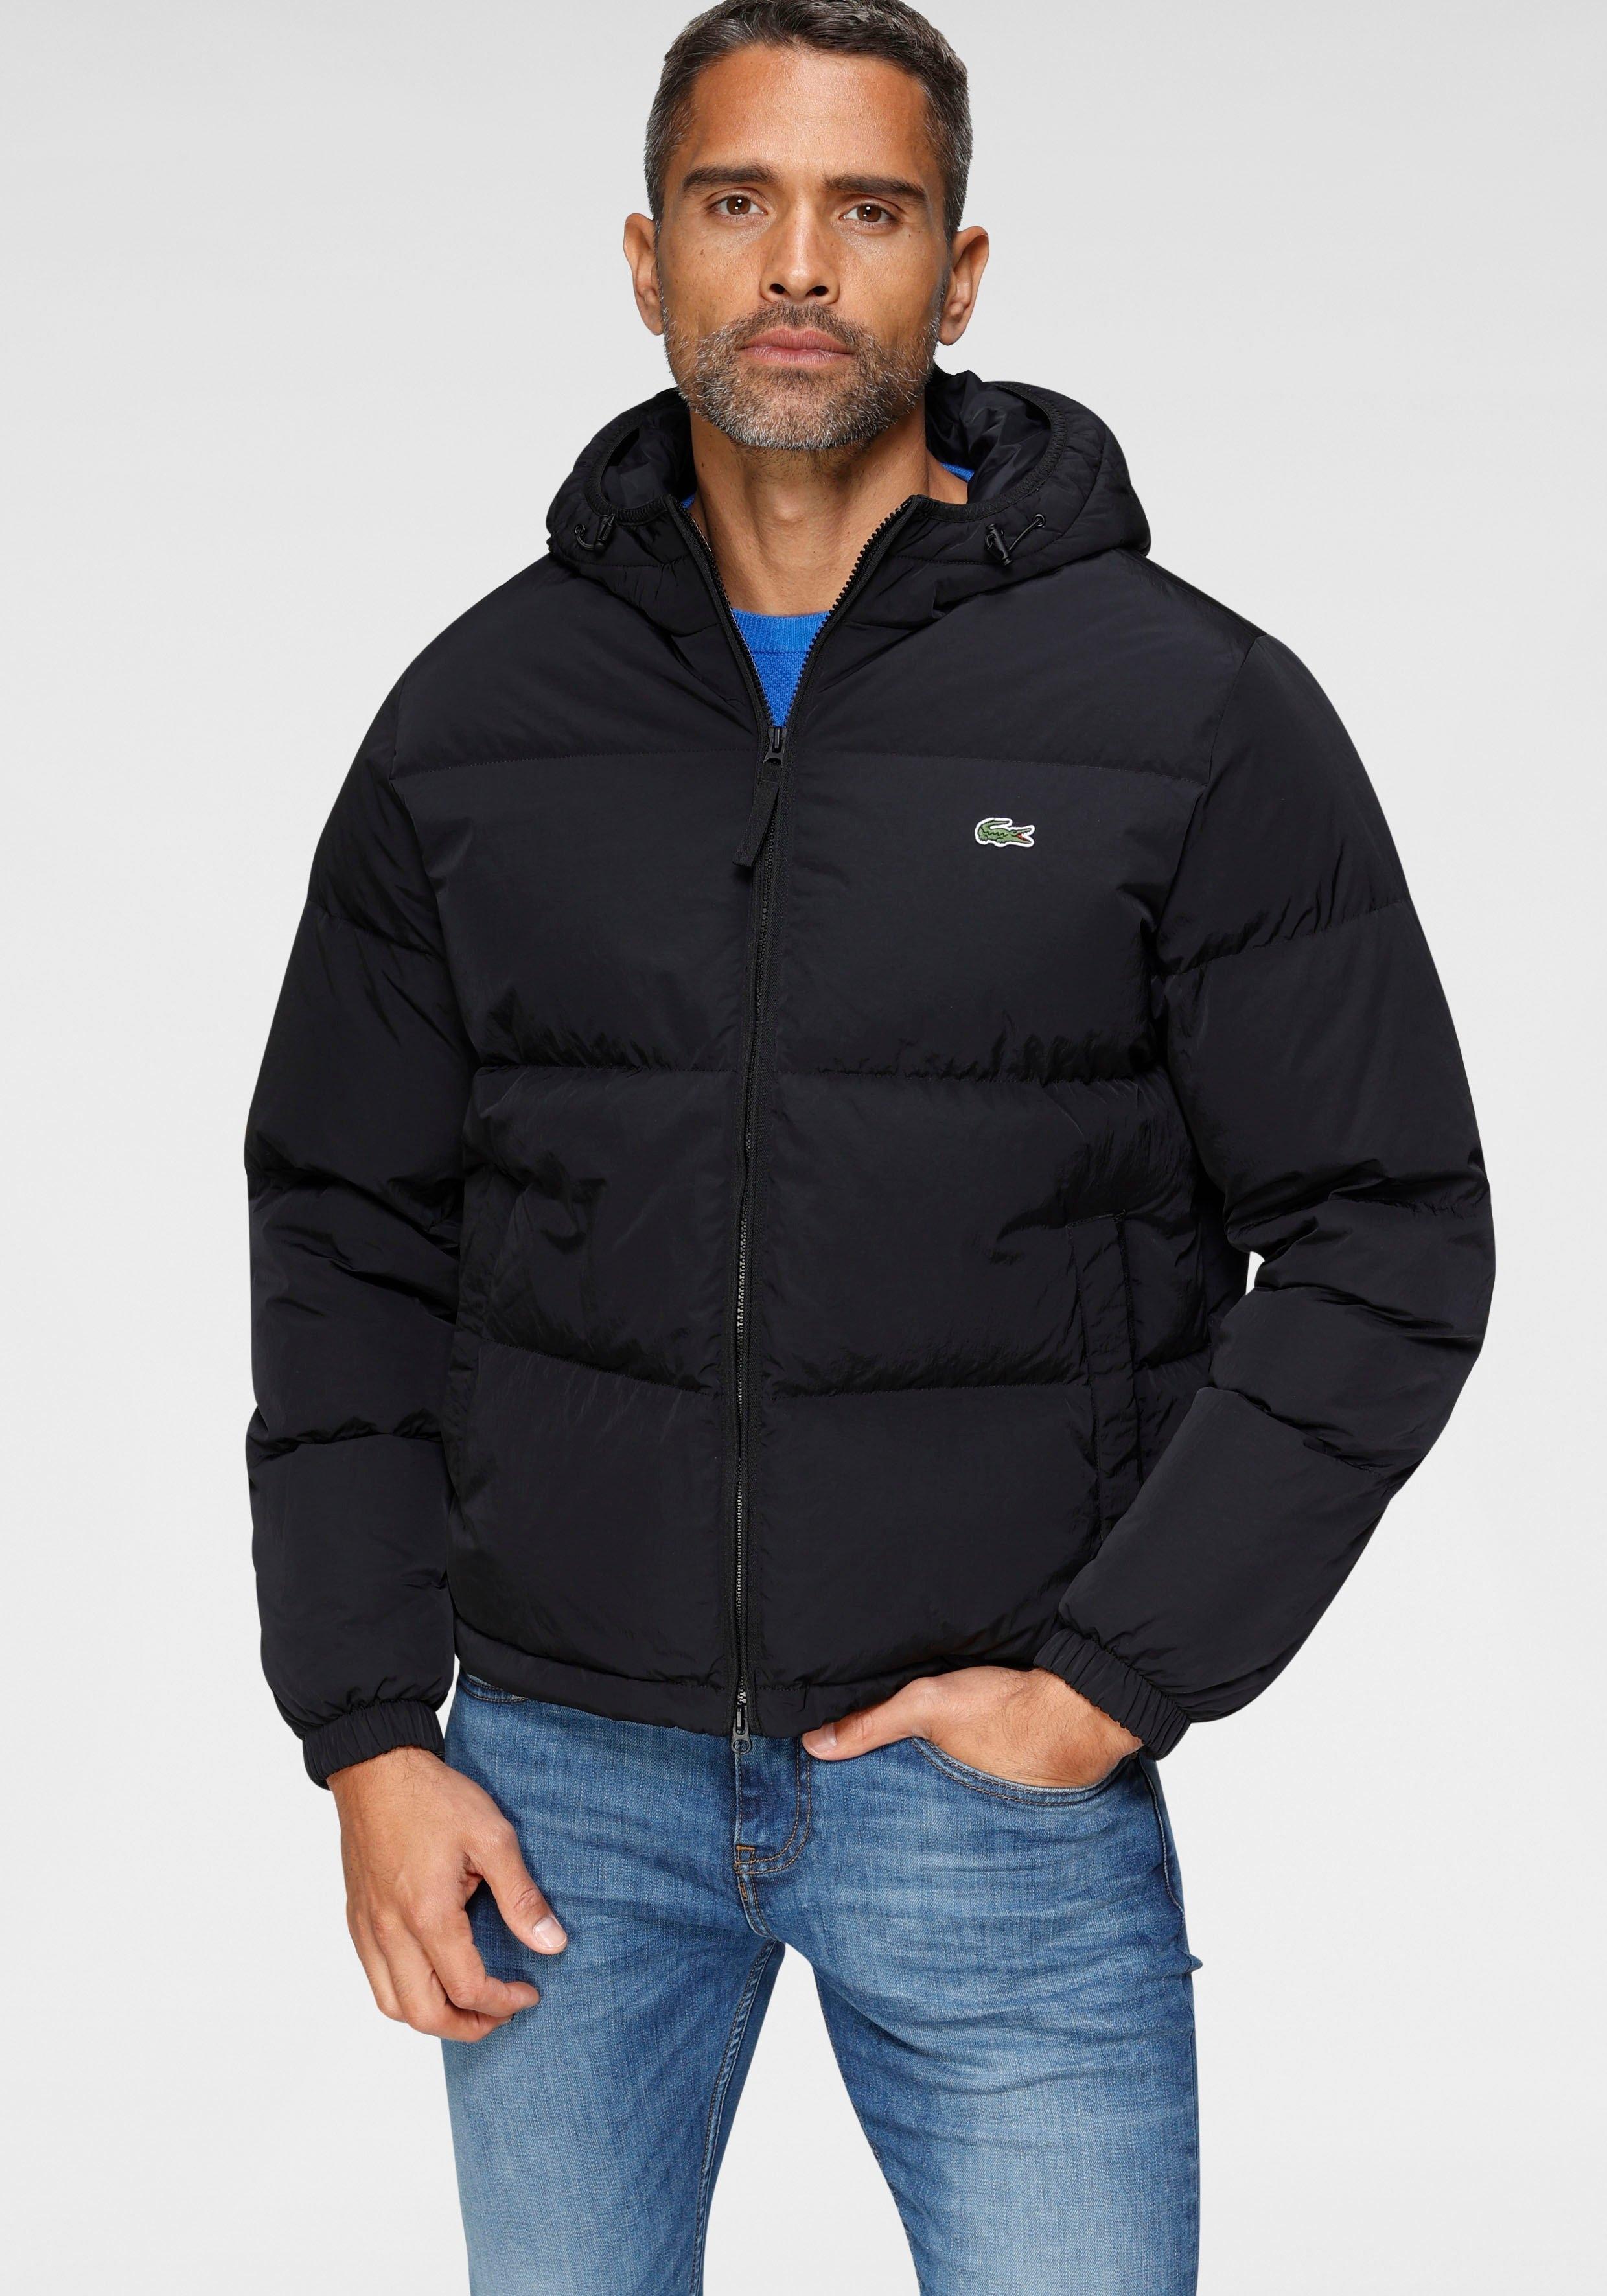 Op zoek naar een Lacoste gewatteerde jas Colourblocking? Koop online bij OTTO